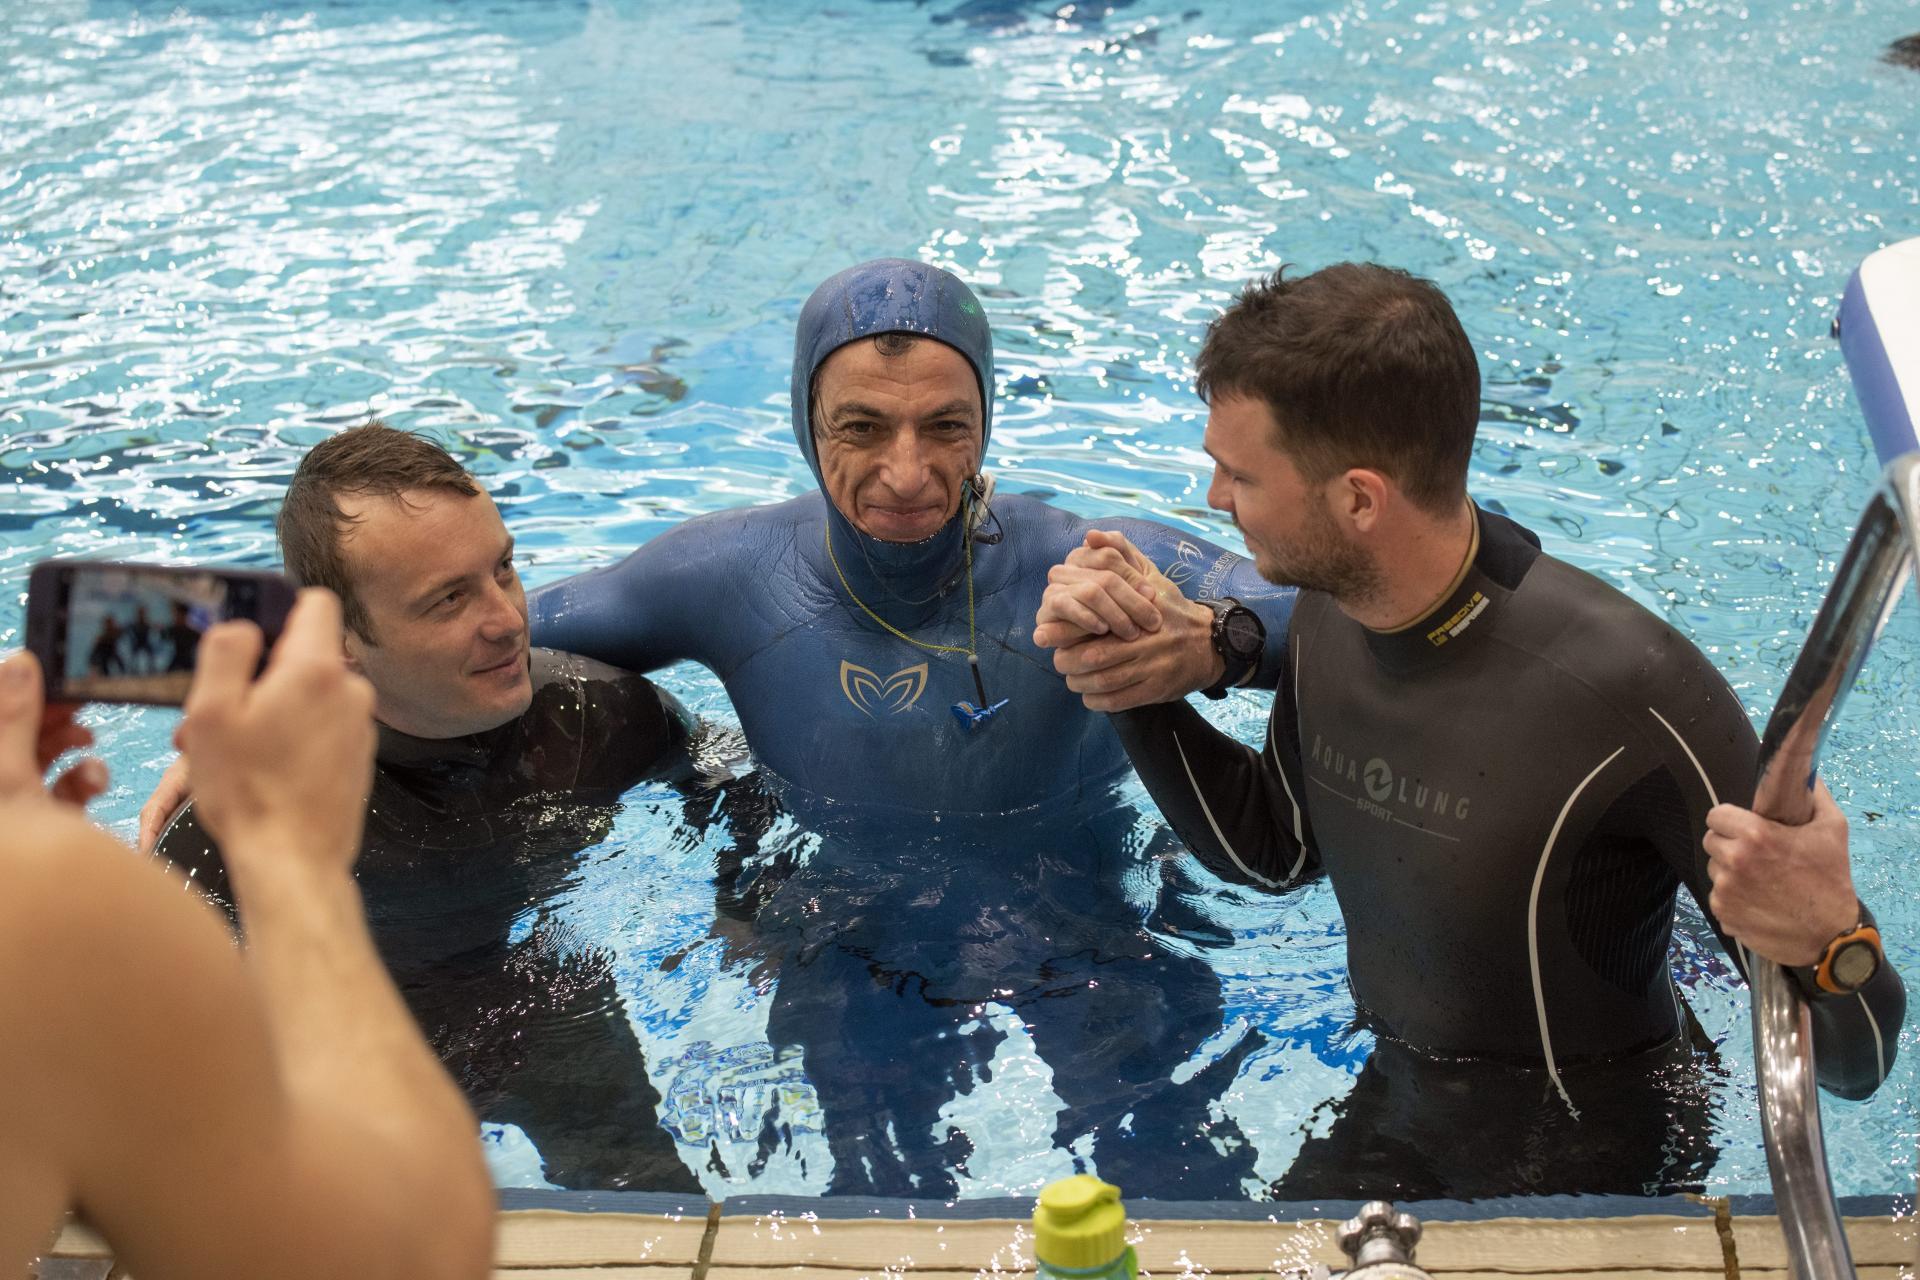 غطاس كرواتى 54 عاما يحبس أنفاسه أكثر من 24 دقيقه تحت الماء (3)